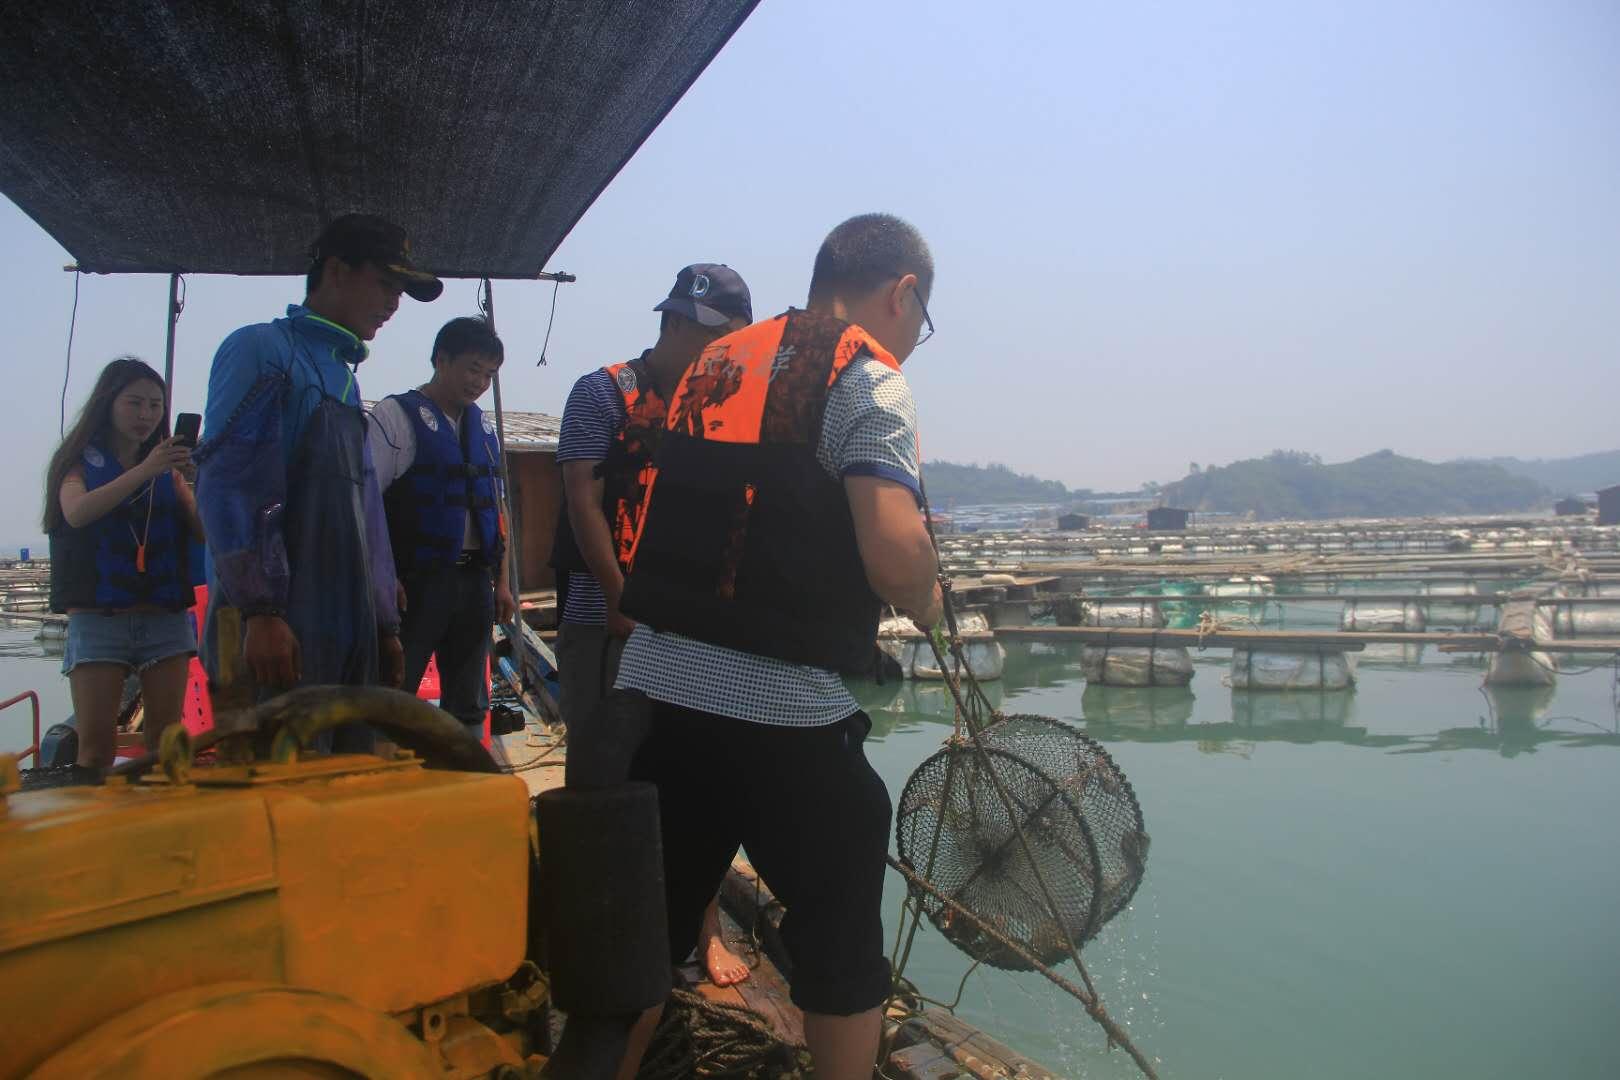 漳州东山岛岐下海钓 渔民体验海鲜收获/渔排基地观光